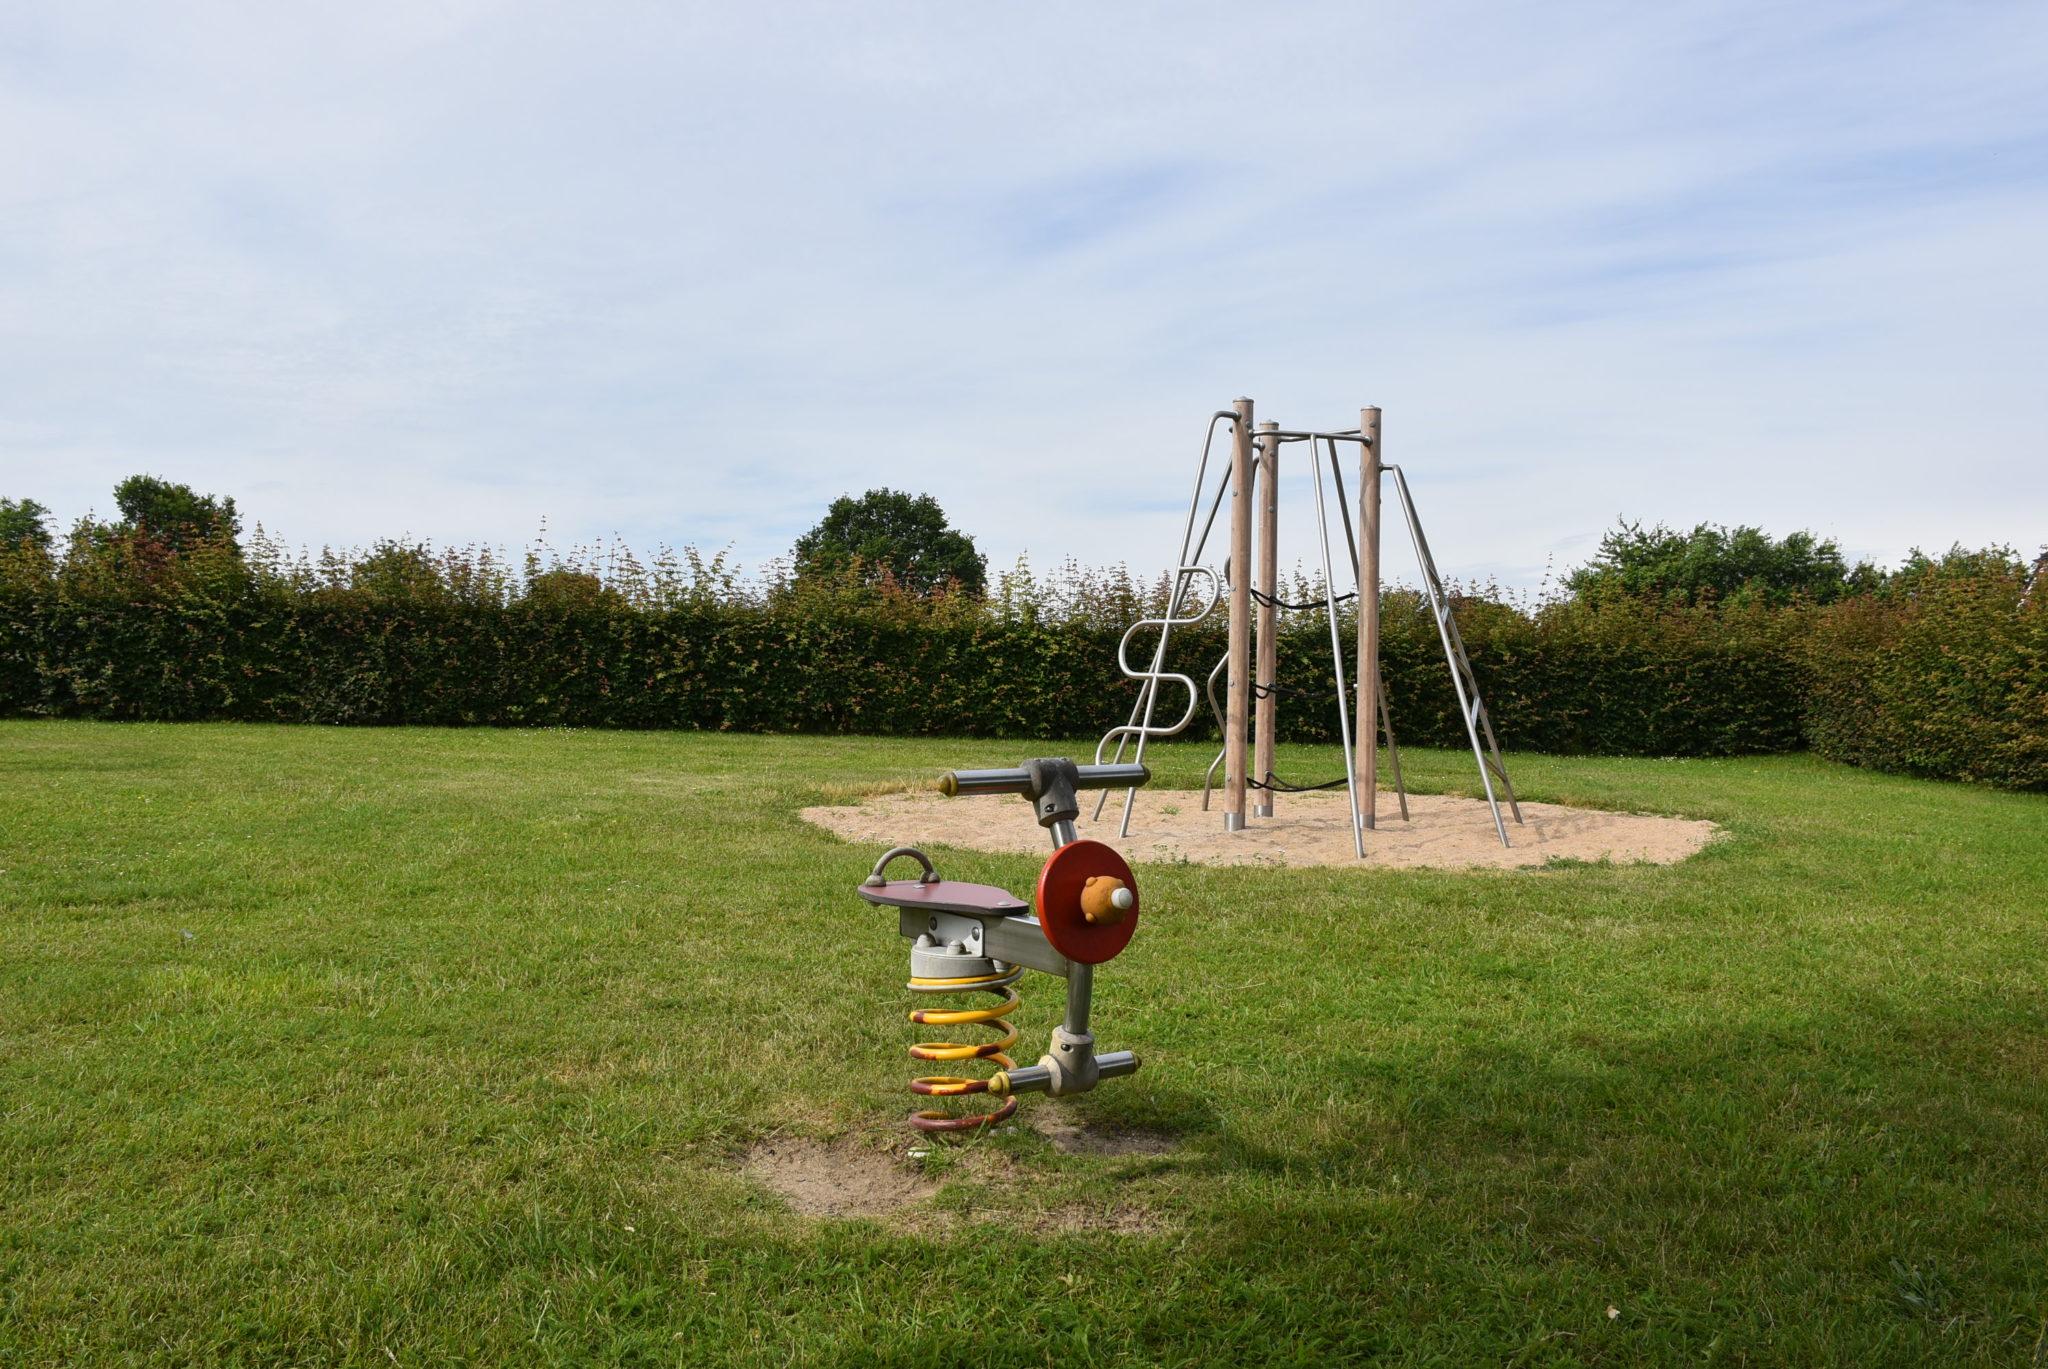 Übersicht Wippgerät Spielplatz An Menses Mühle